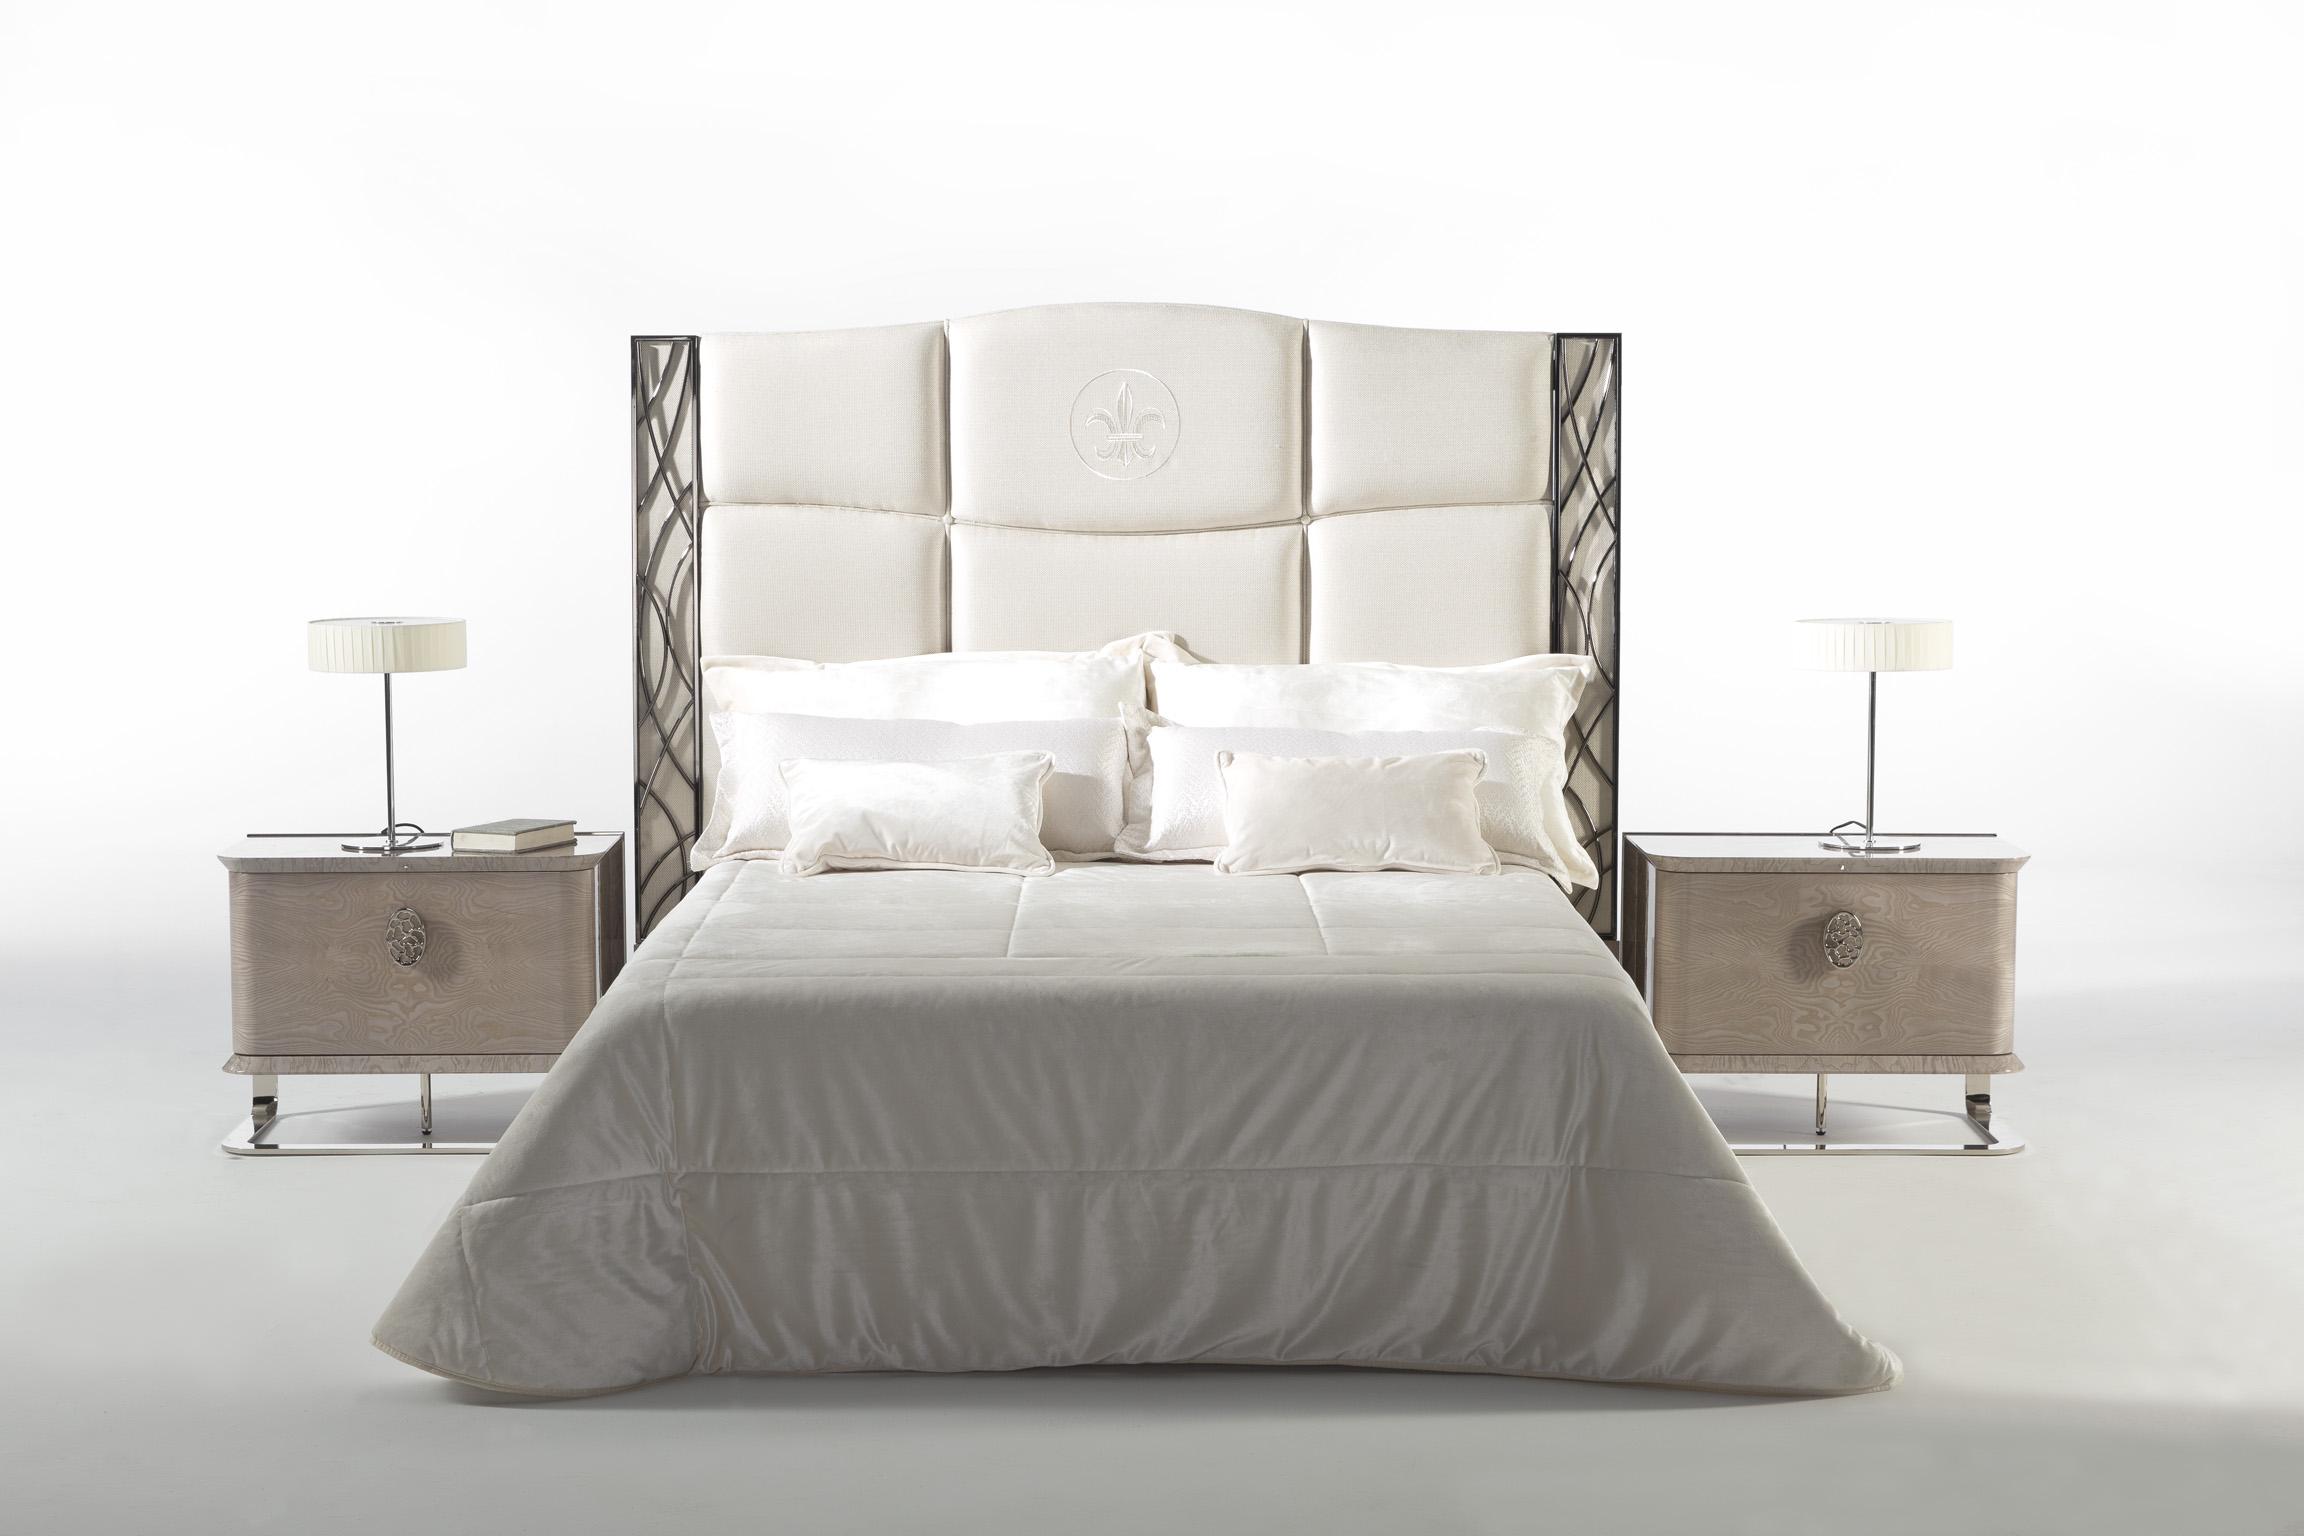 Muebles Cabecerosycamasdepiel.com:  CABECERO  - Cabeceros y Camas de piel de Diseño - Muebles de Diseño